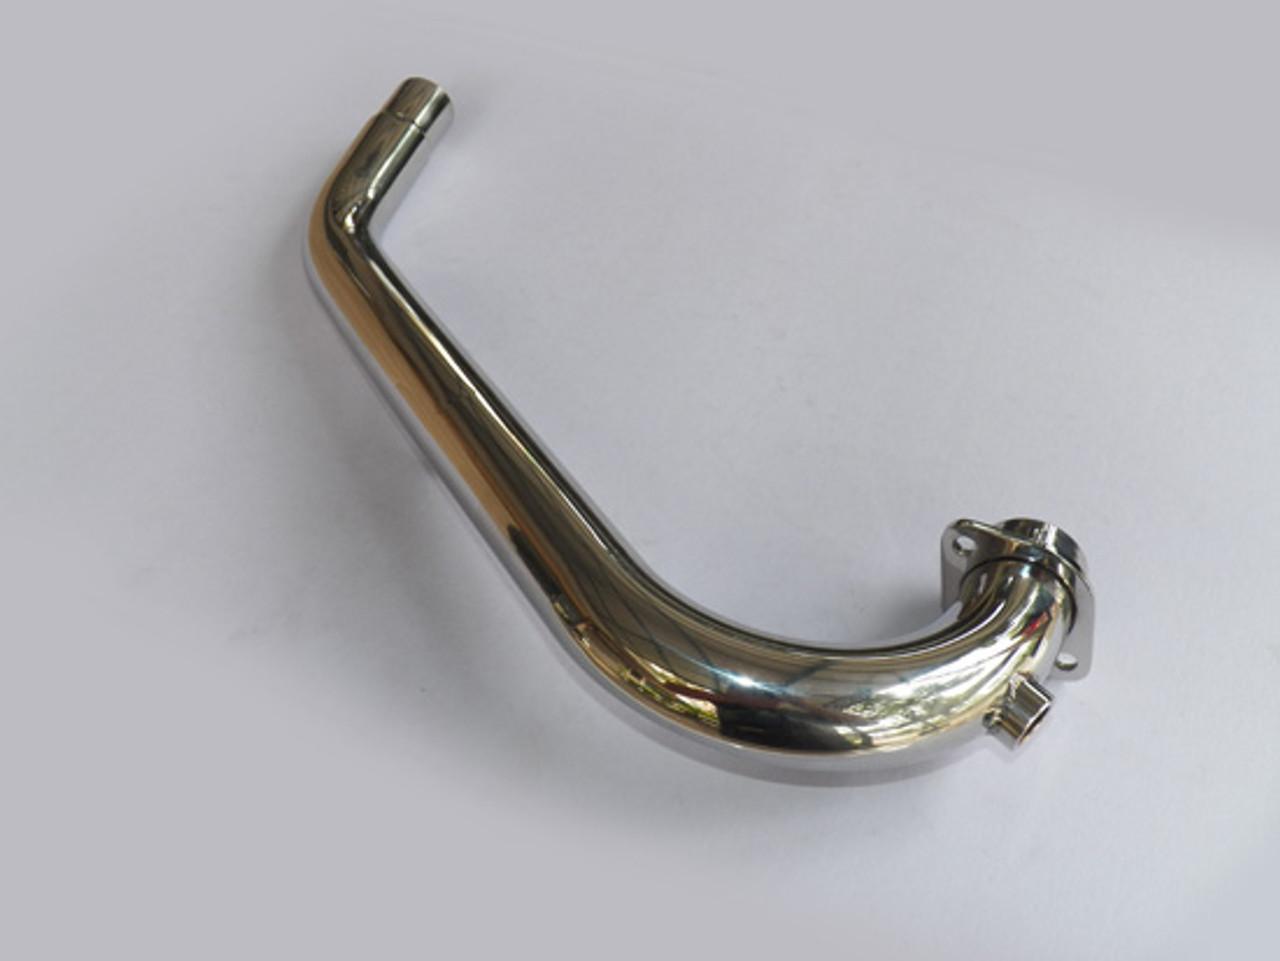 Header Pipe SR400 FI Original Bend Steel Stainless Steel